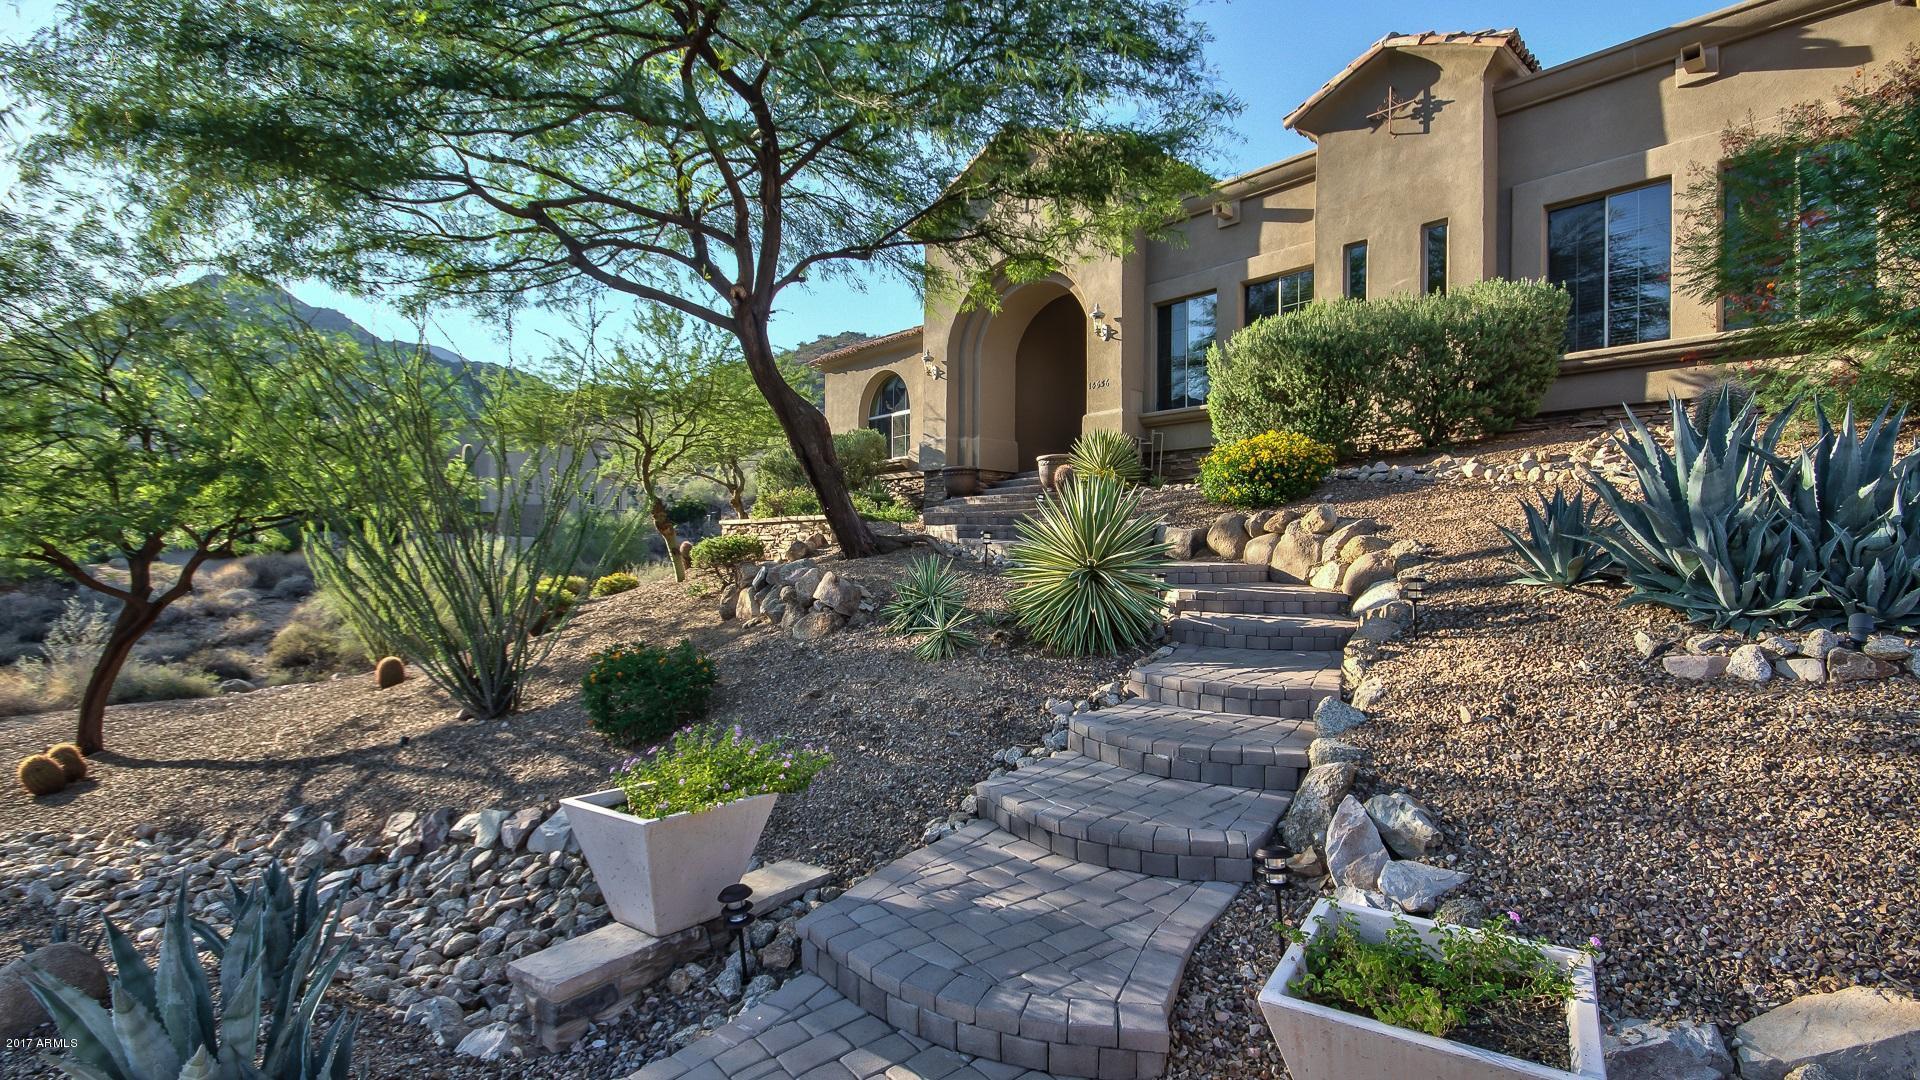 14536 E Gecko Court Fountain Hills, AZ 85268 - MLS #: 5498329